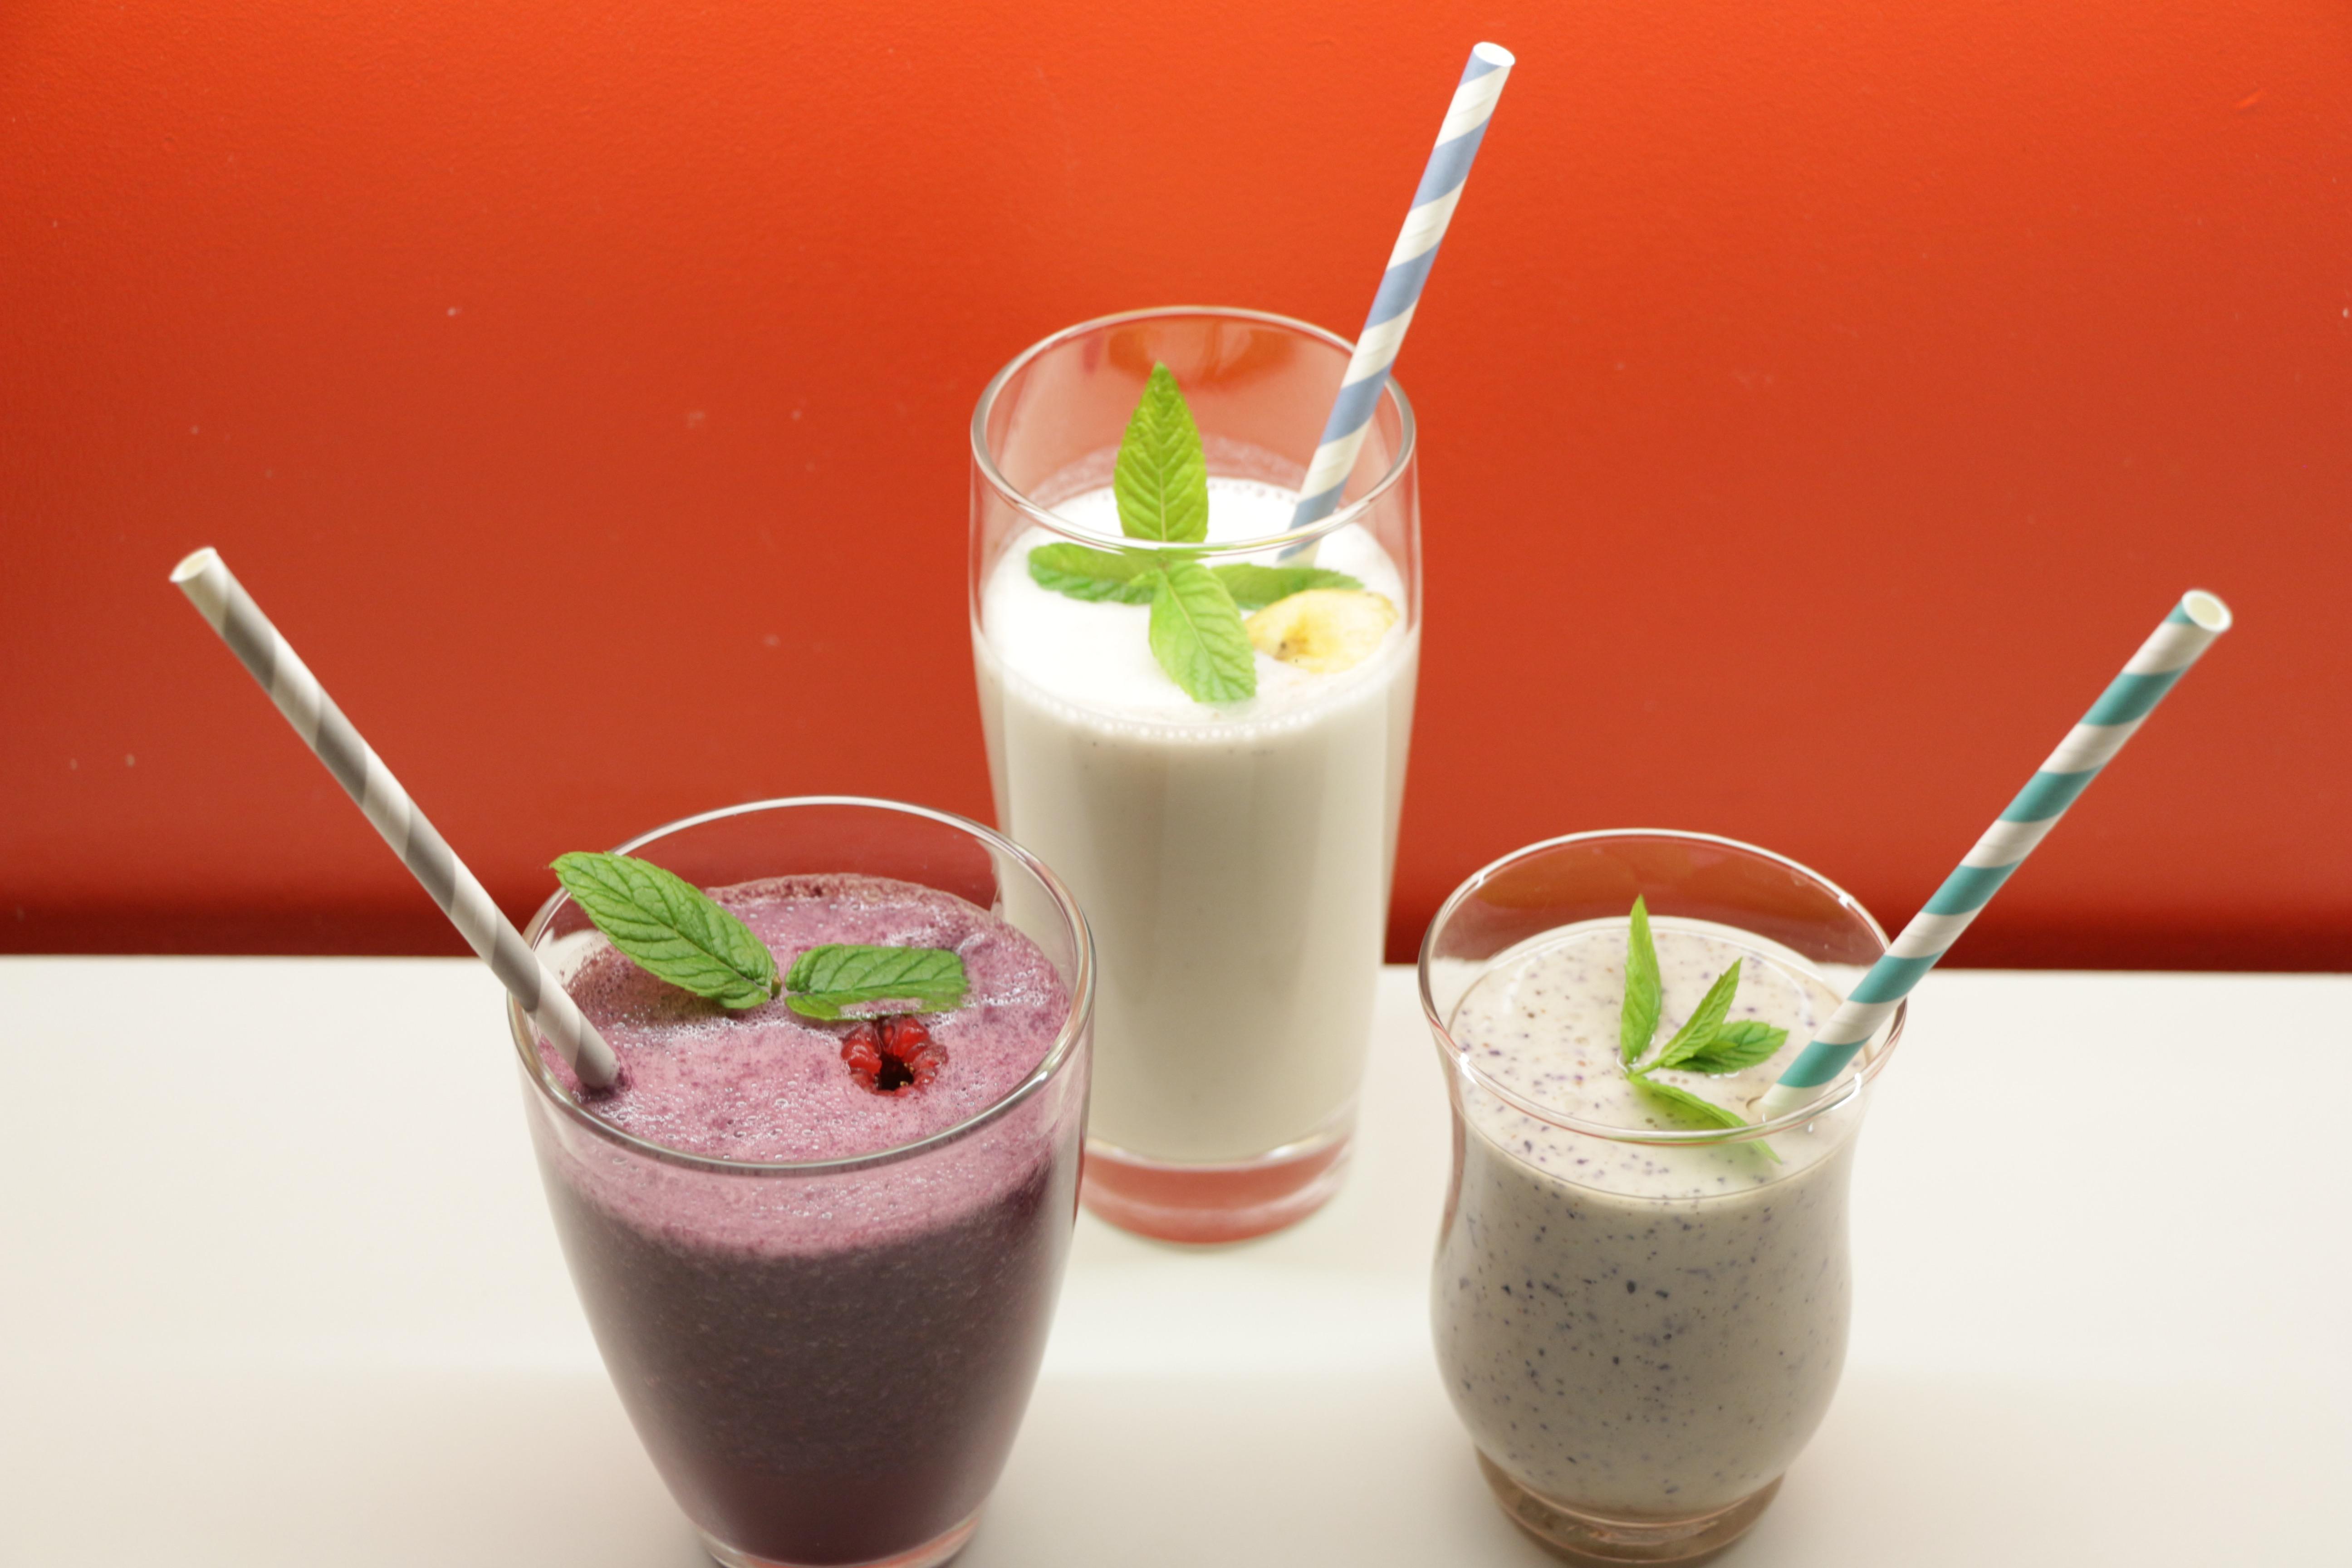 Eiweiß-Shake selber machen: 3 Rezepte - Utopia.de